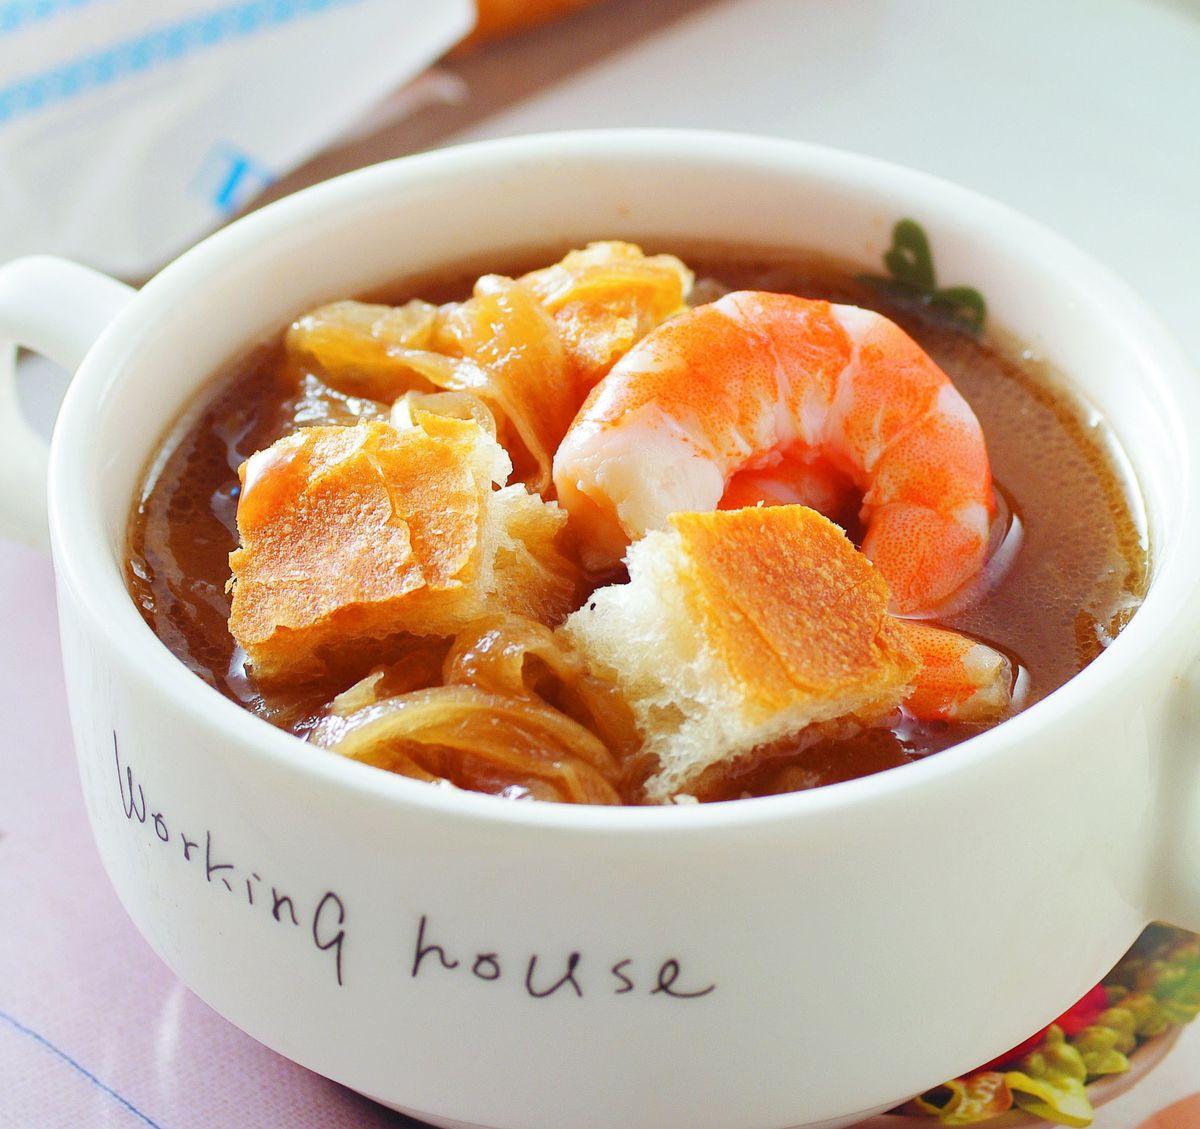 食譜:洋蔥鮮蝦濃湯